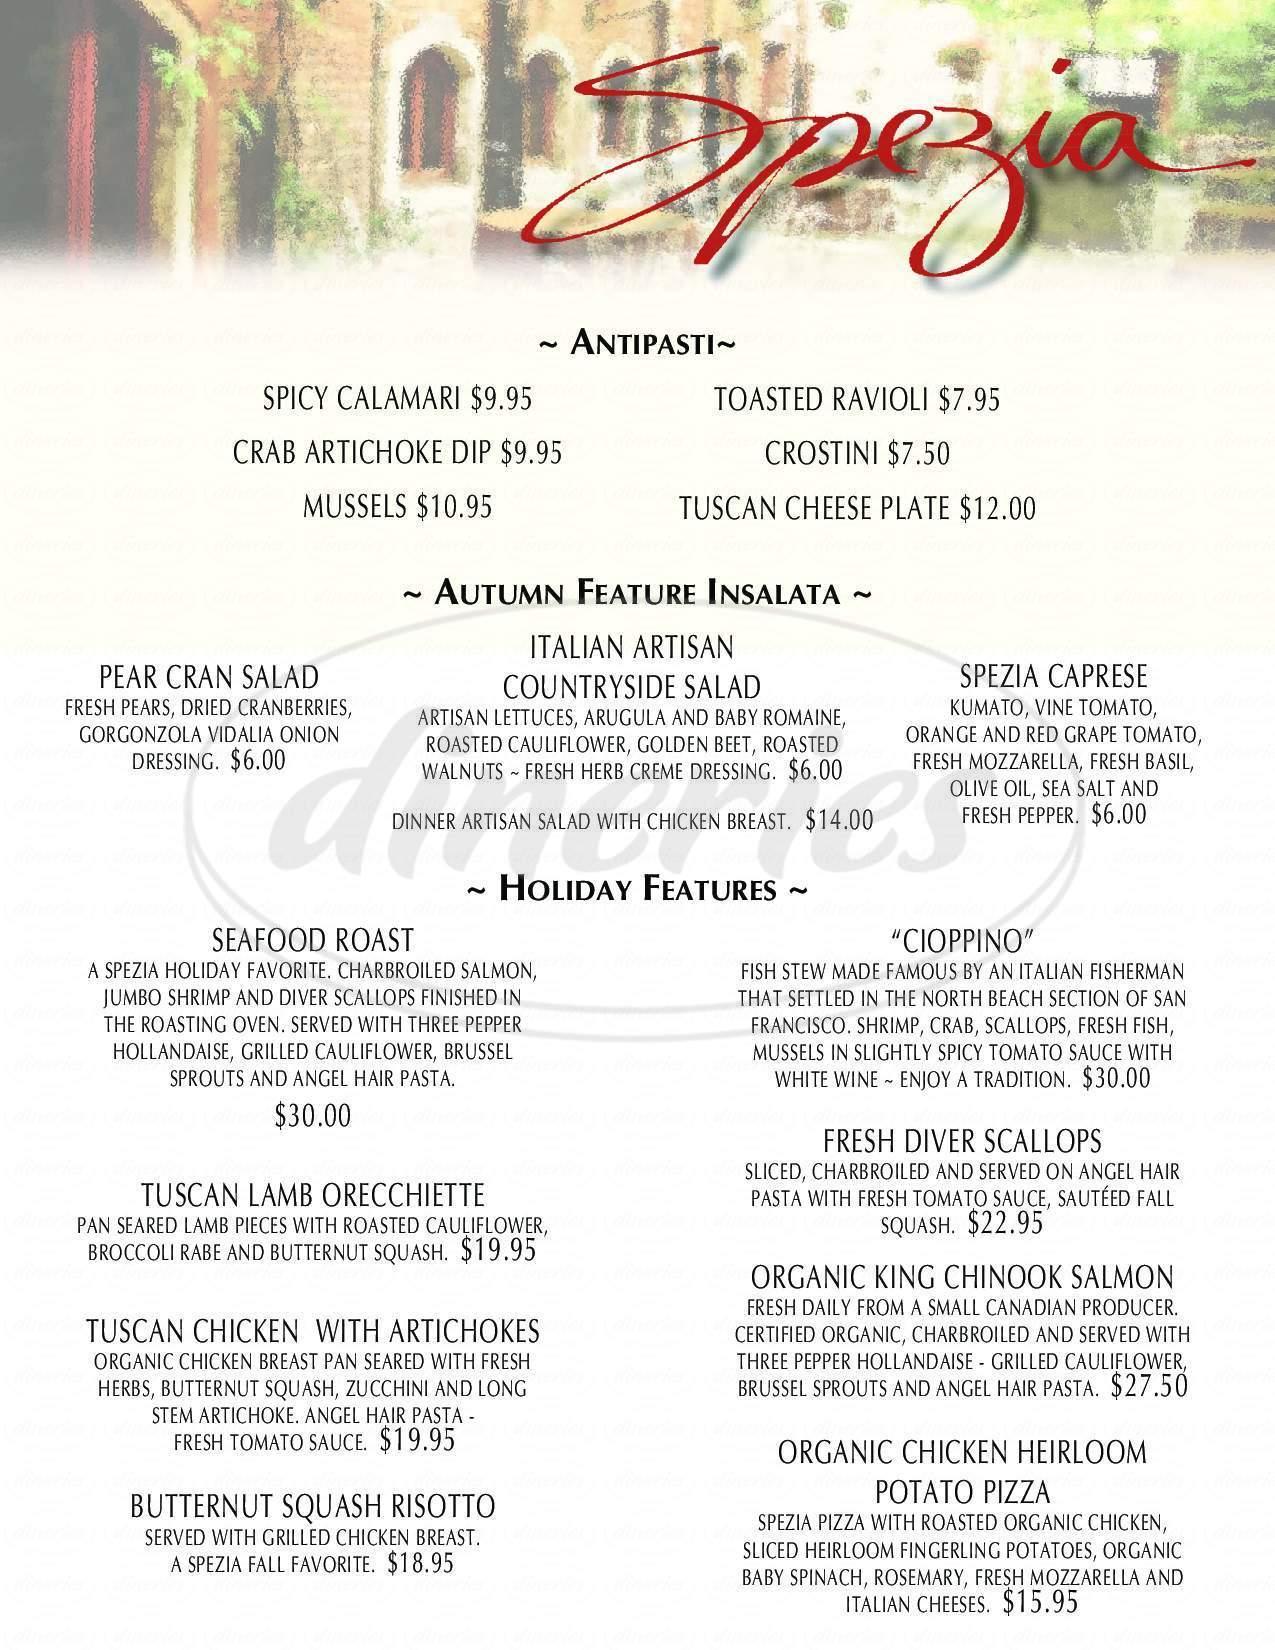 menu for Spezia